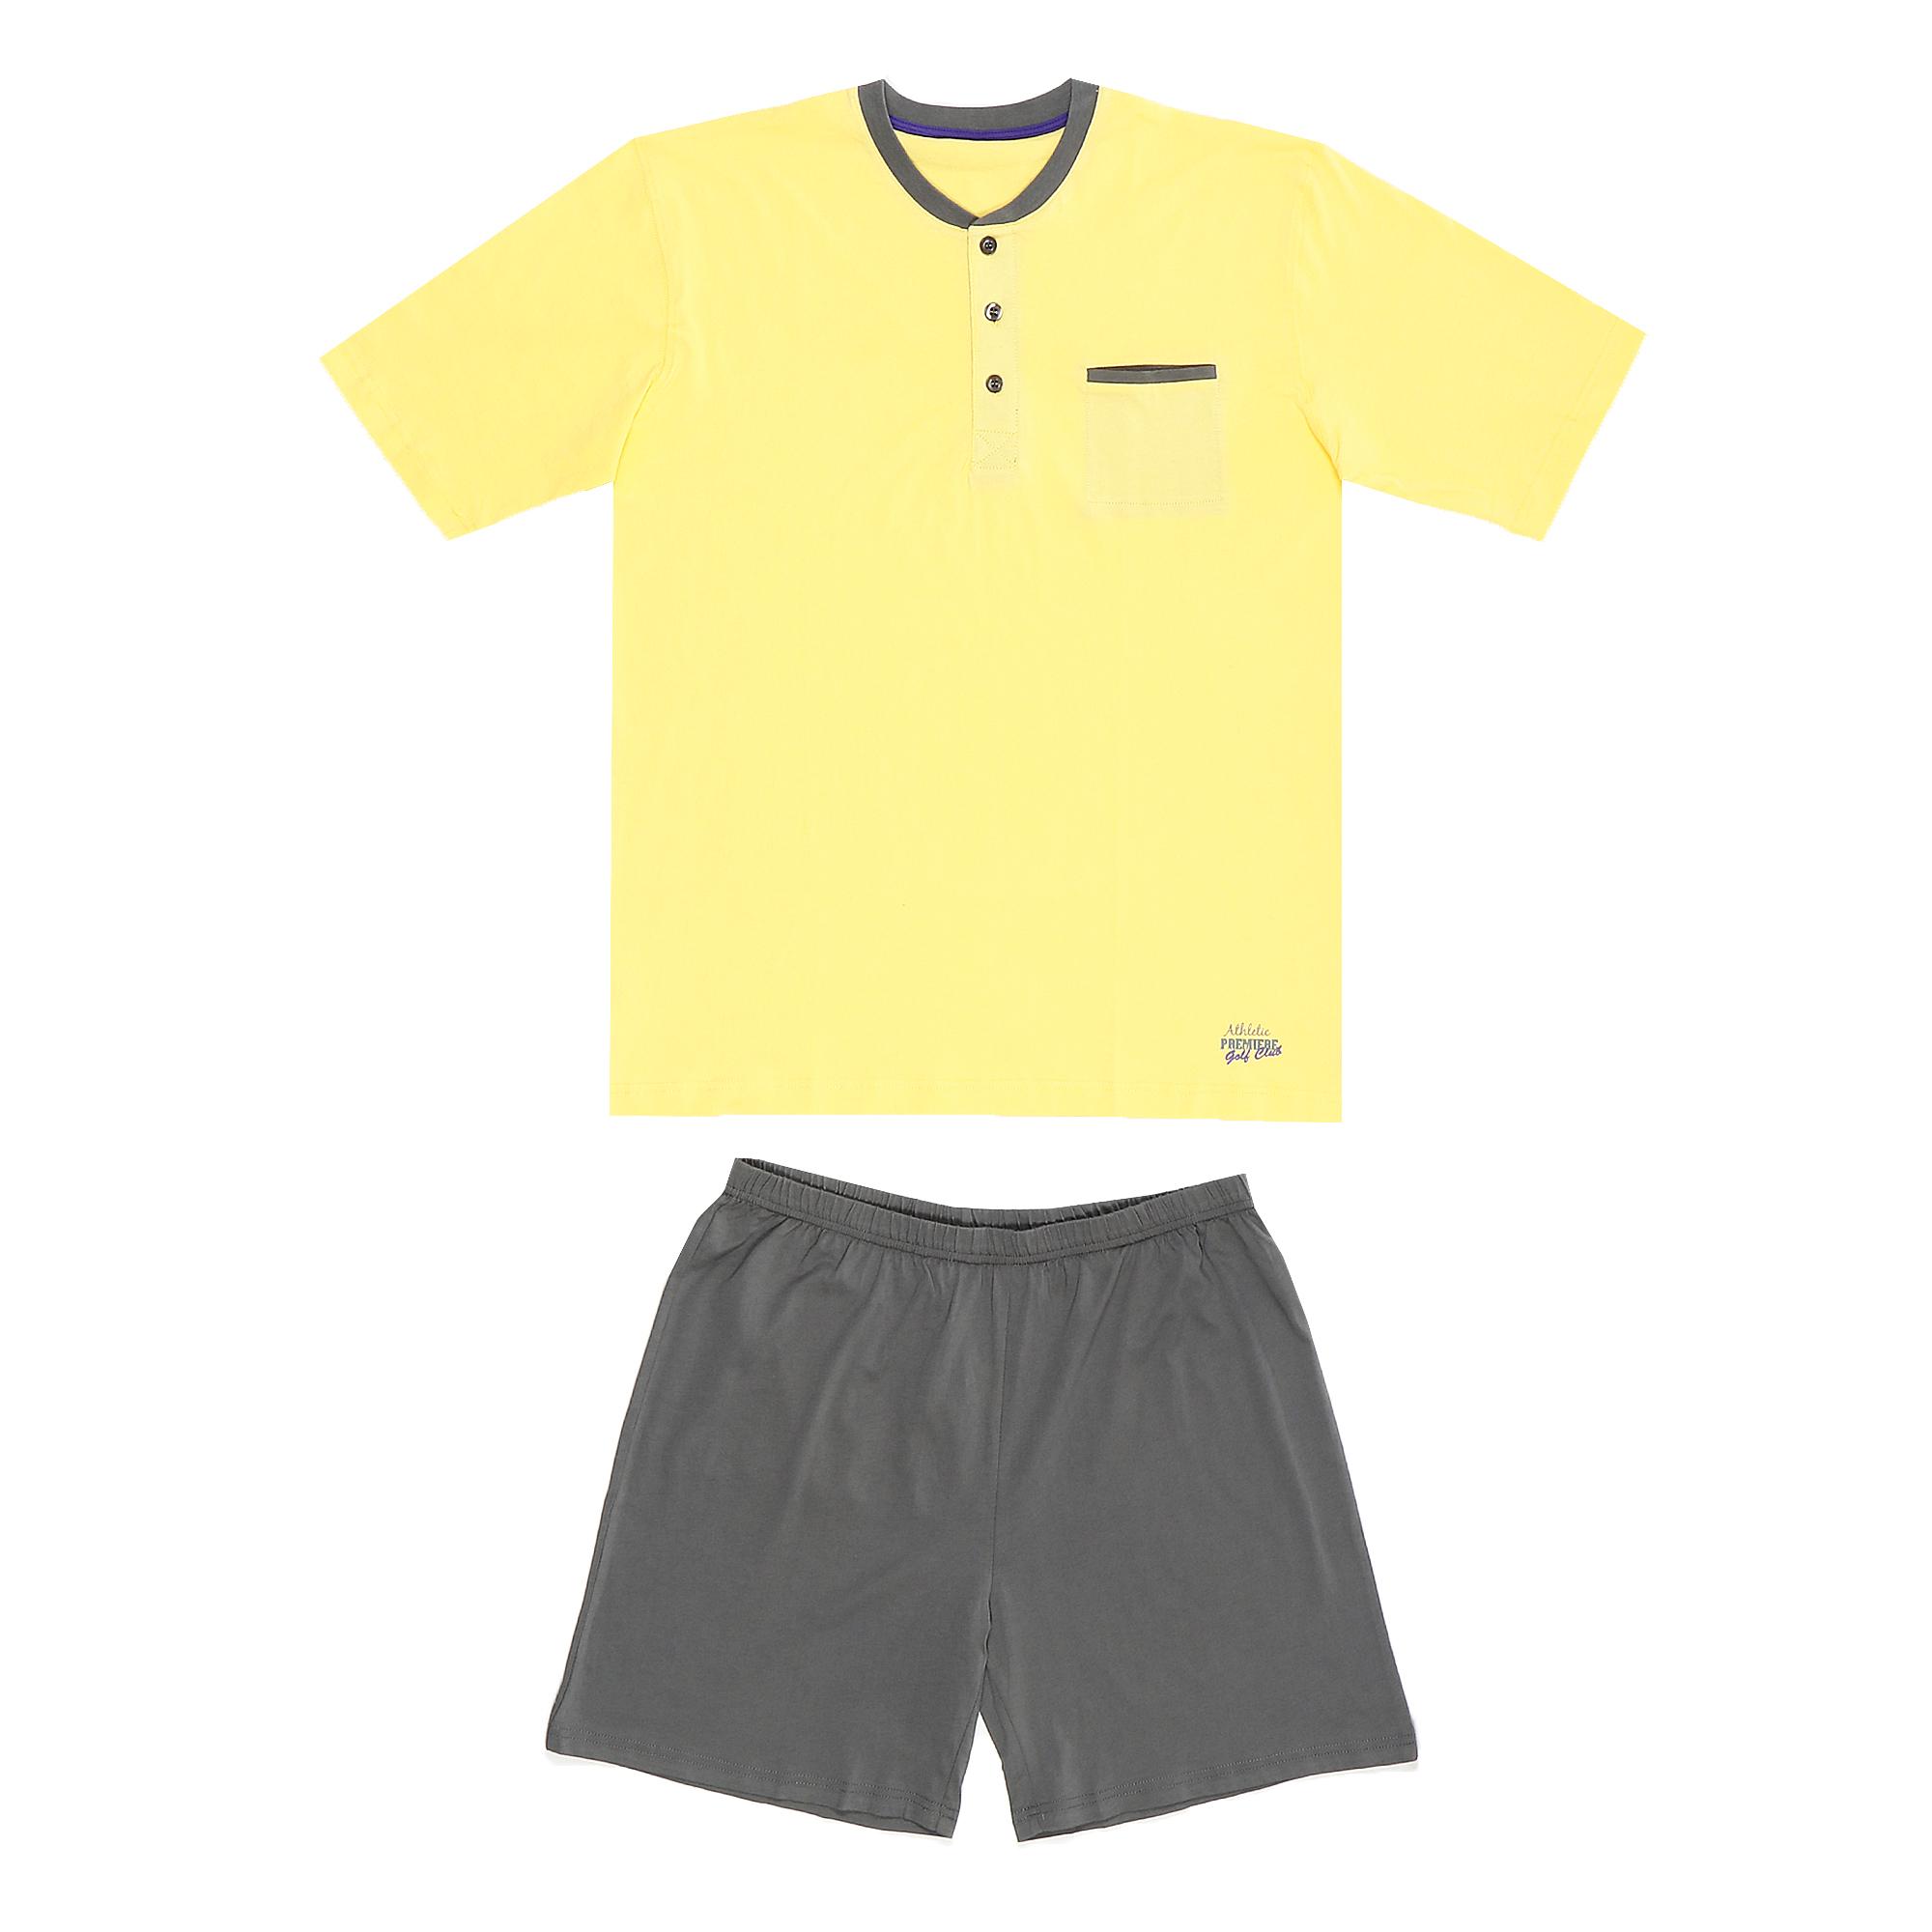 комплект домашний мужской vienetta s secret league капри футболка цвет сапфировый 711124 3286 размер 50 xl Домашний мужской костюм Xiamen Honesty MP-104 серый/желтый XL